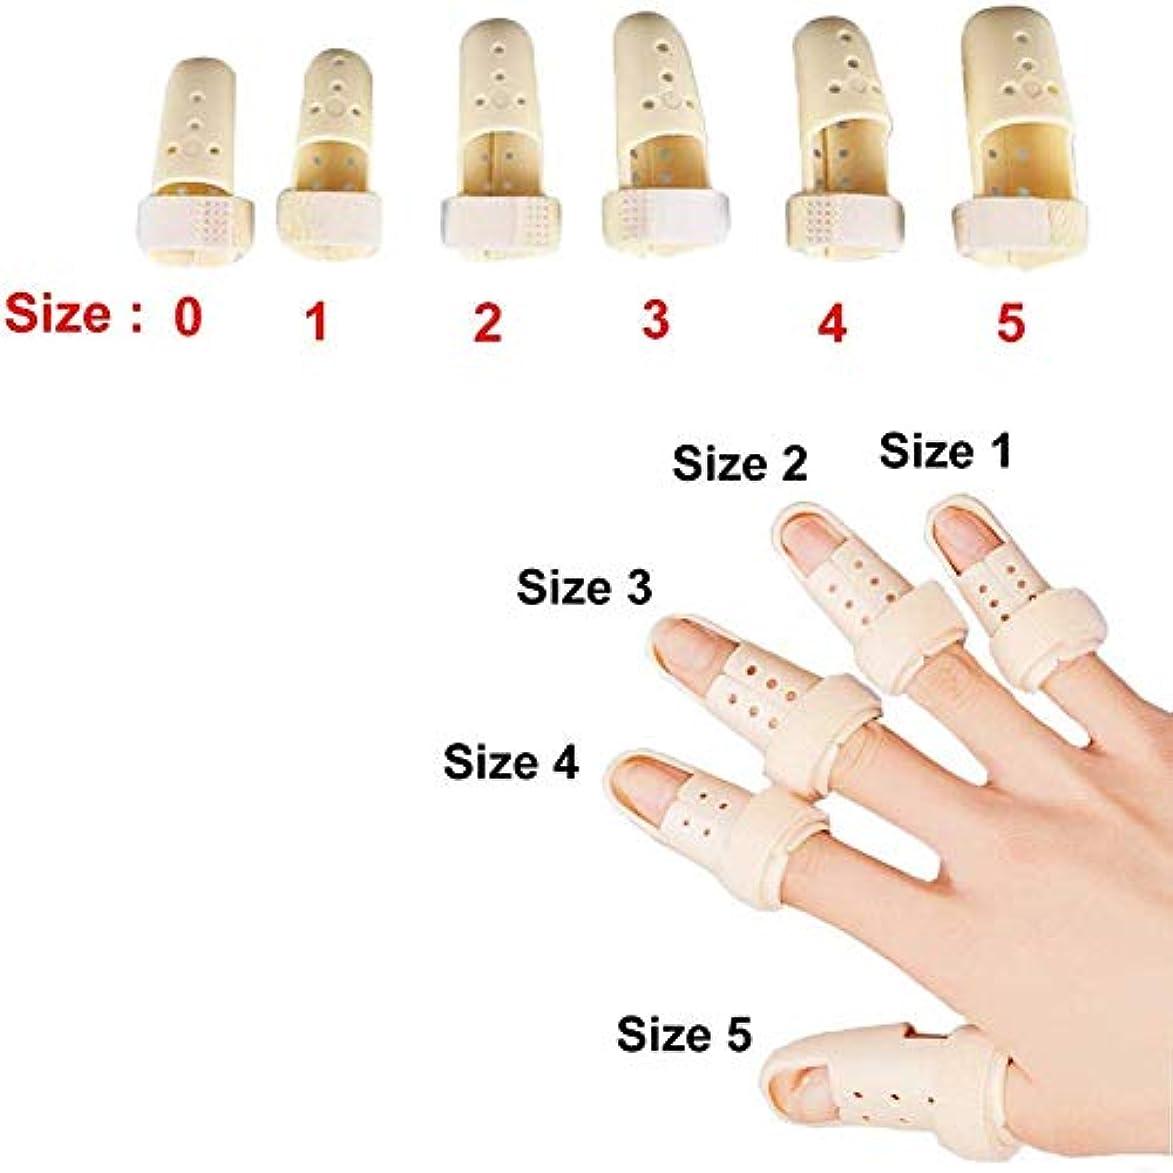 へこみかご運動痛みのための親指スピカサポートブレース - フィンガースプリント、リバーシブル親指スタビライザー、関節炎サムスプリント (Size : XXL)